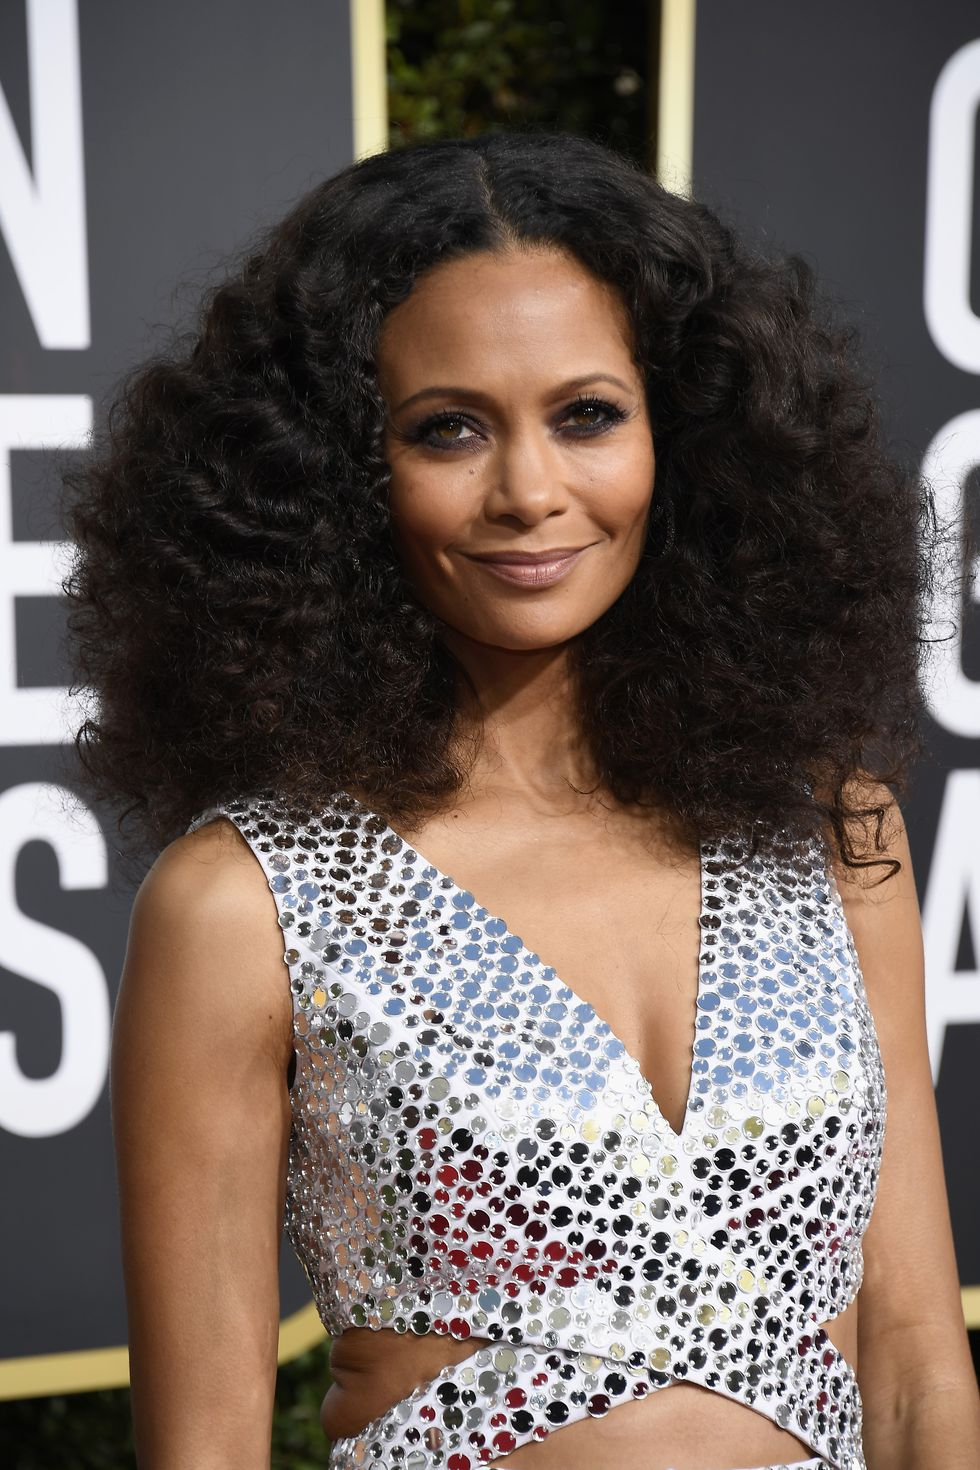 Thandie Newton Golden Globes 2019 hair